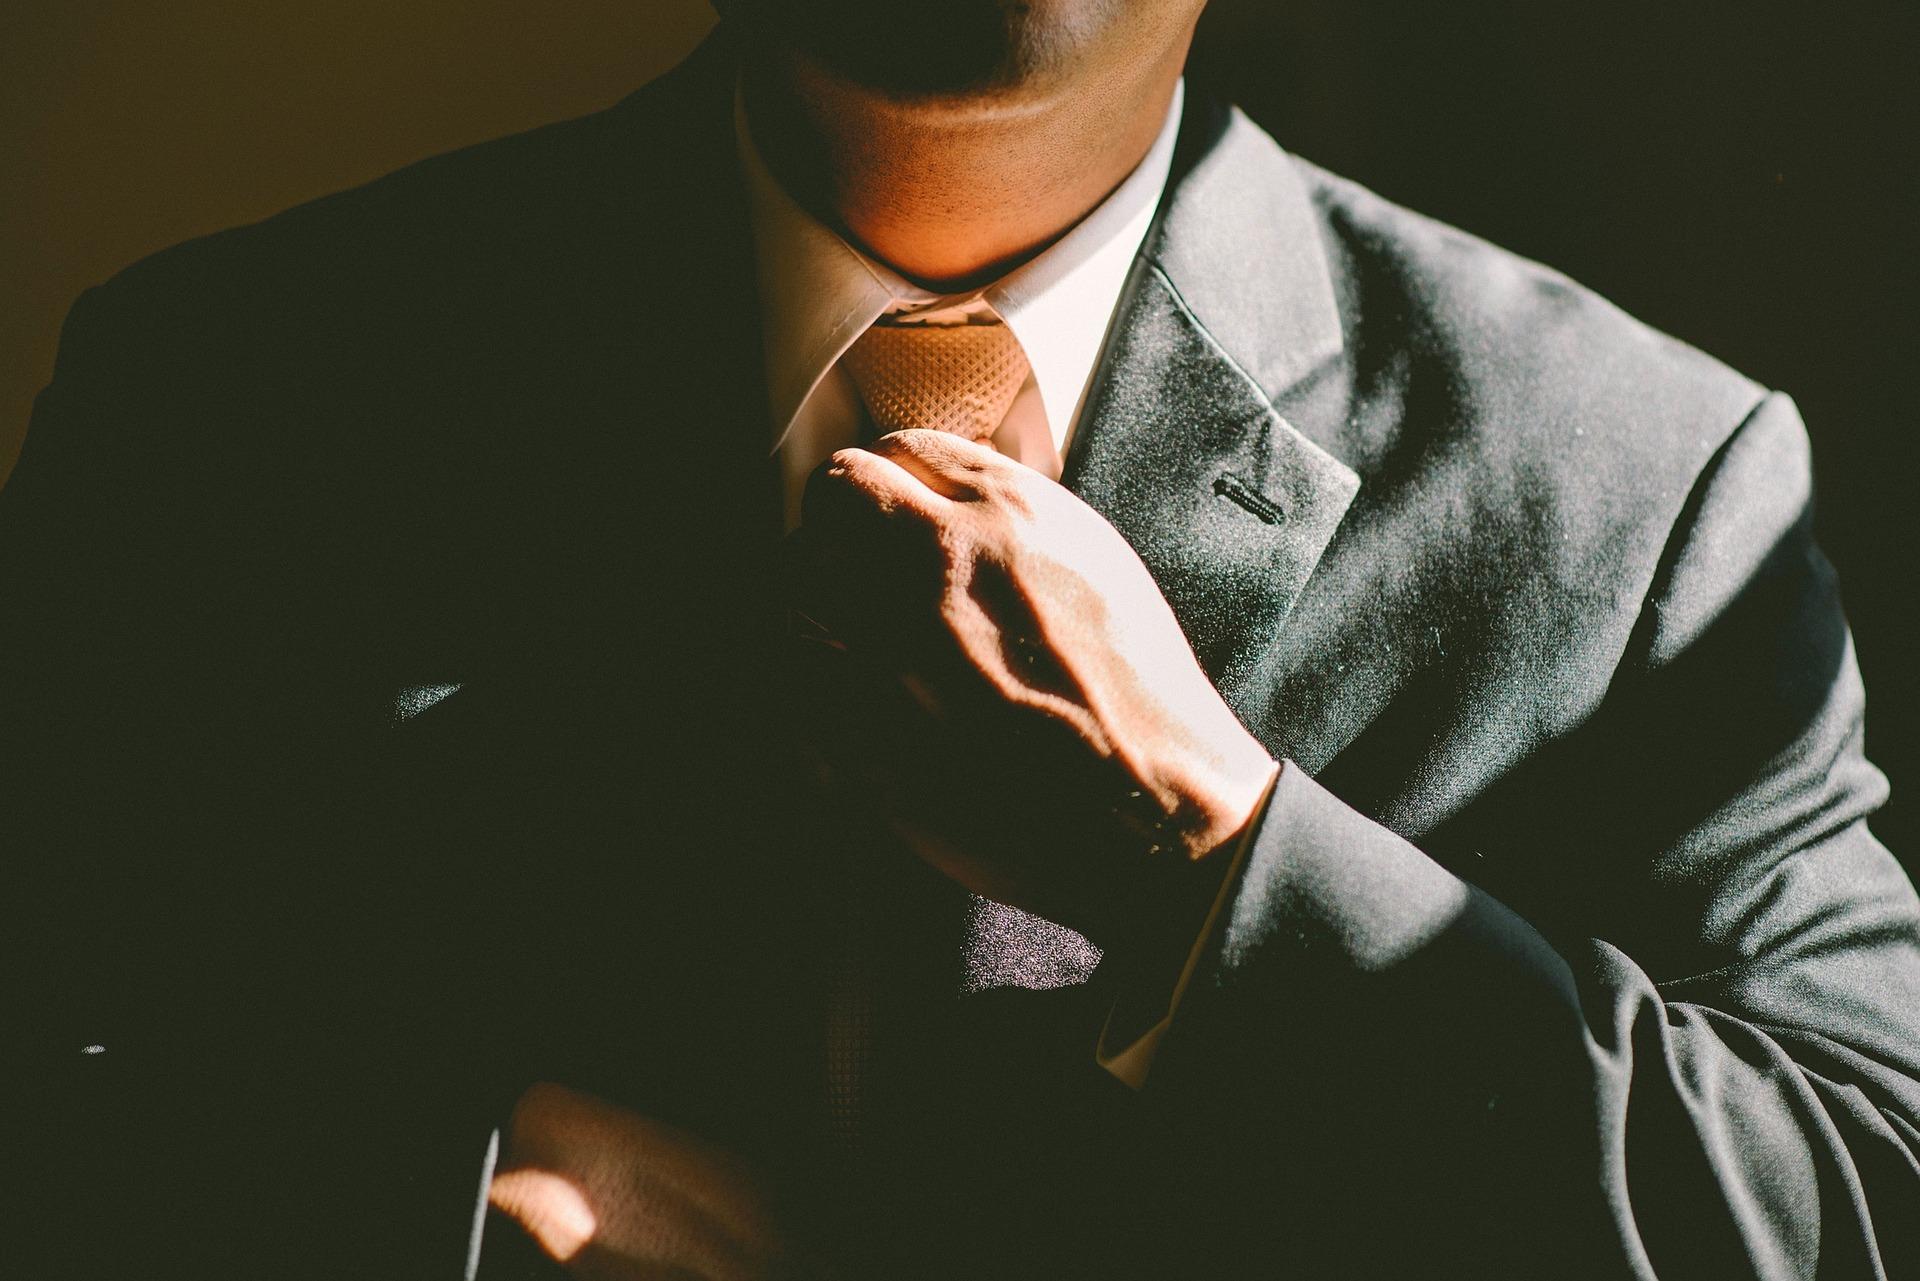 חולמים להיות חלק בעולם העסקים?